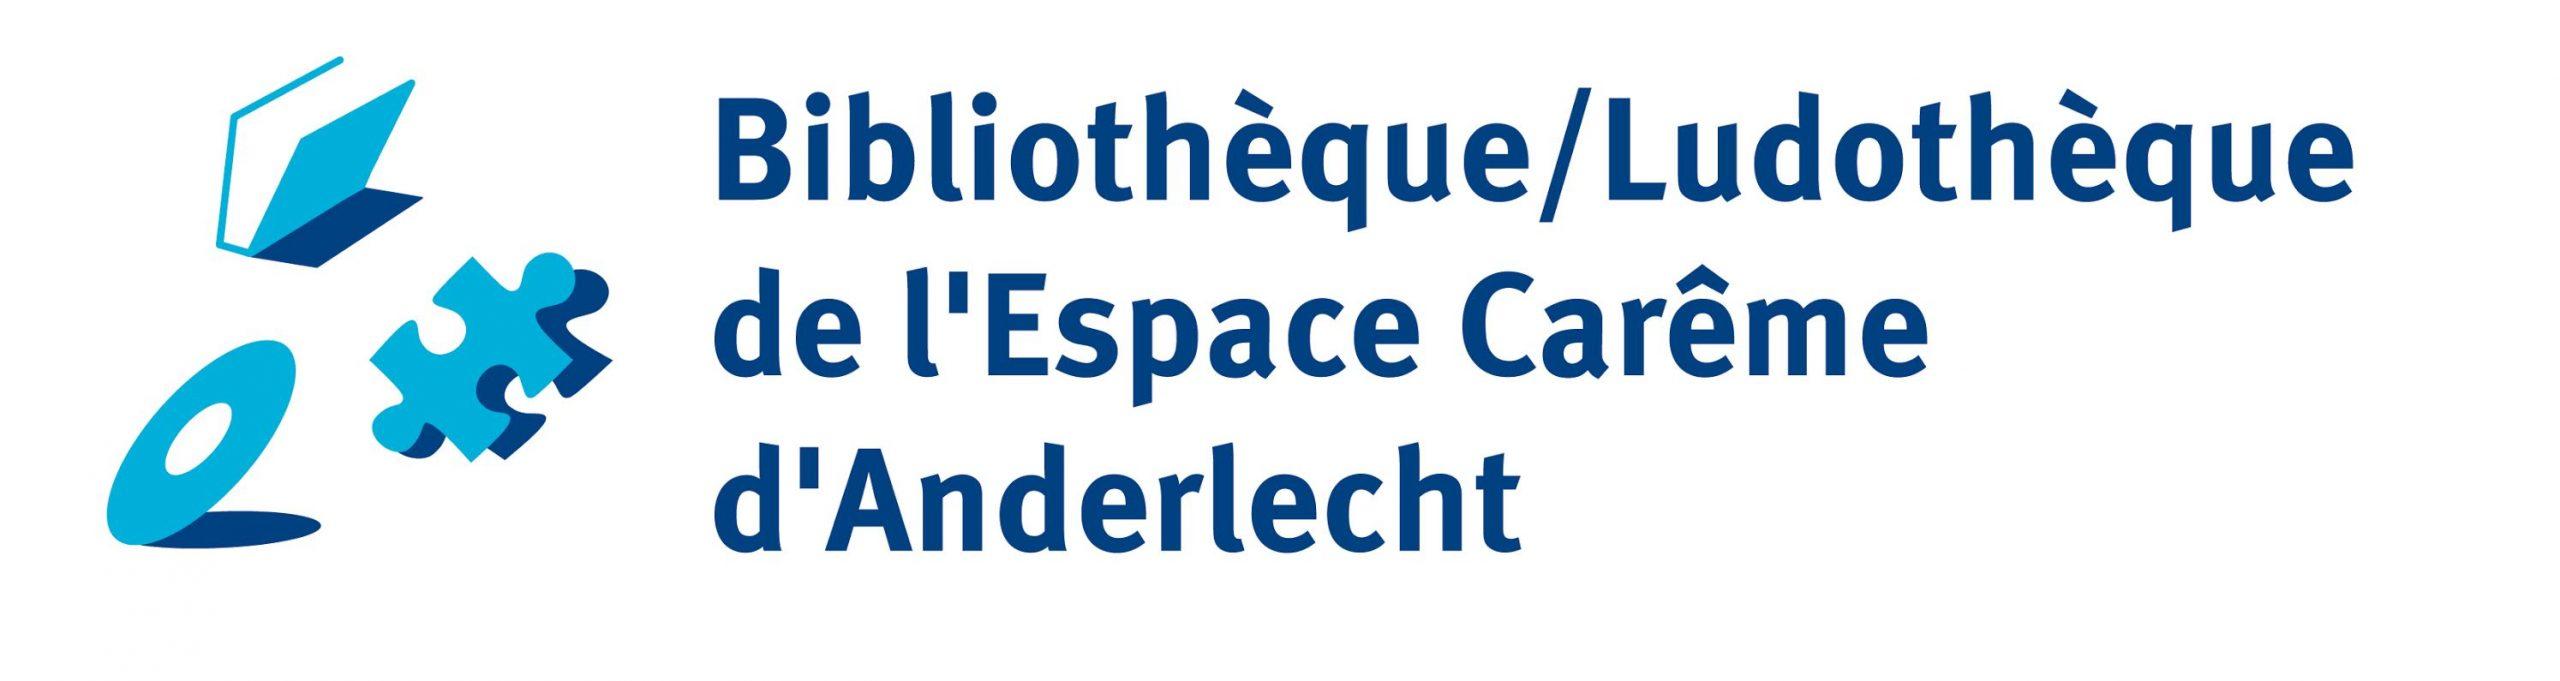 Logo bib Anderlecht